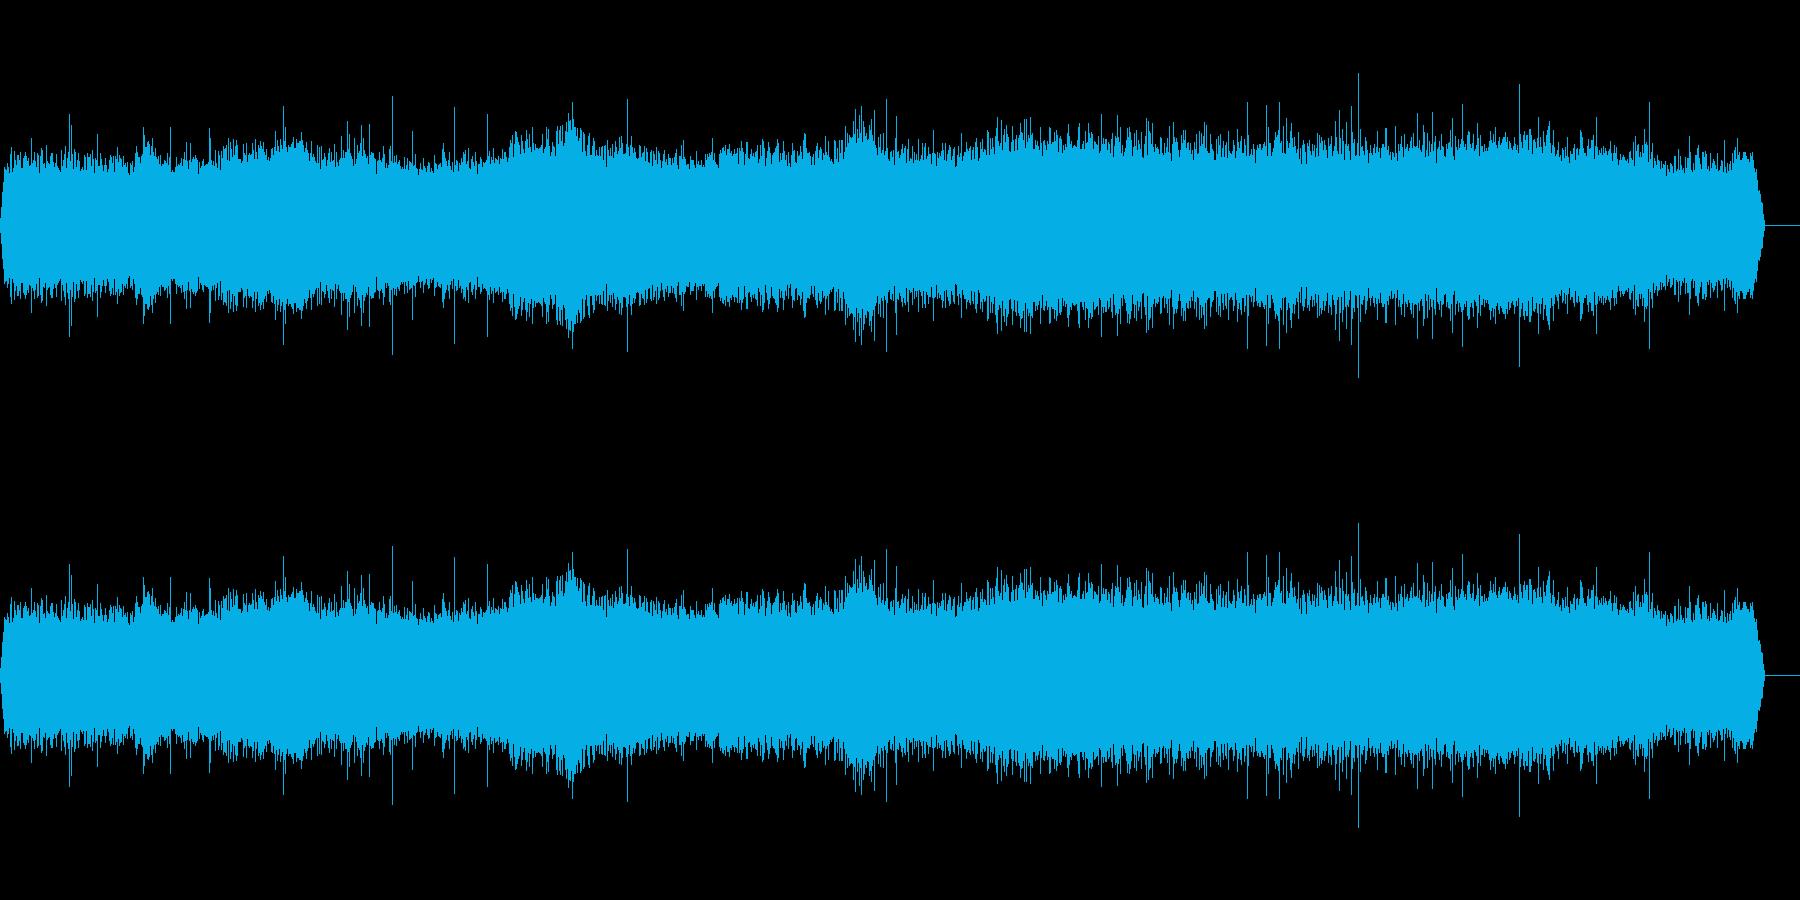 雨3 2の再生済みの波形